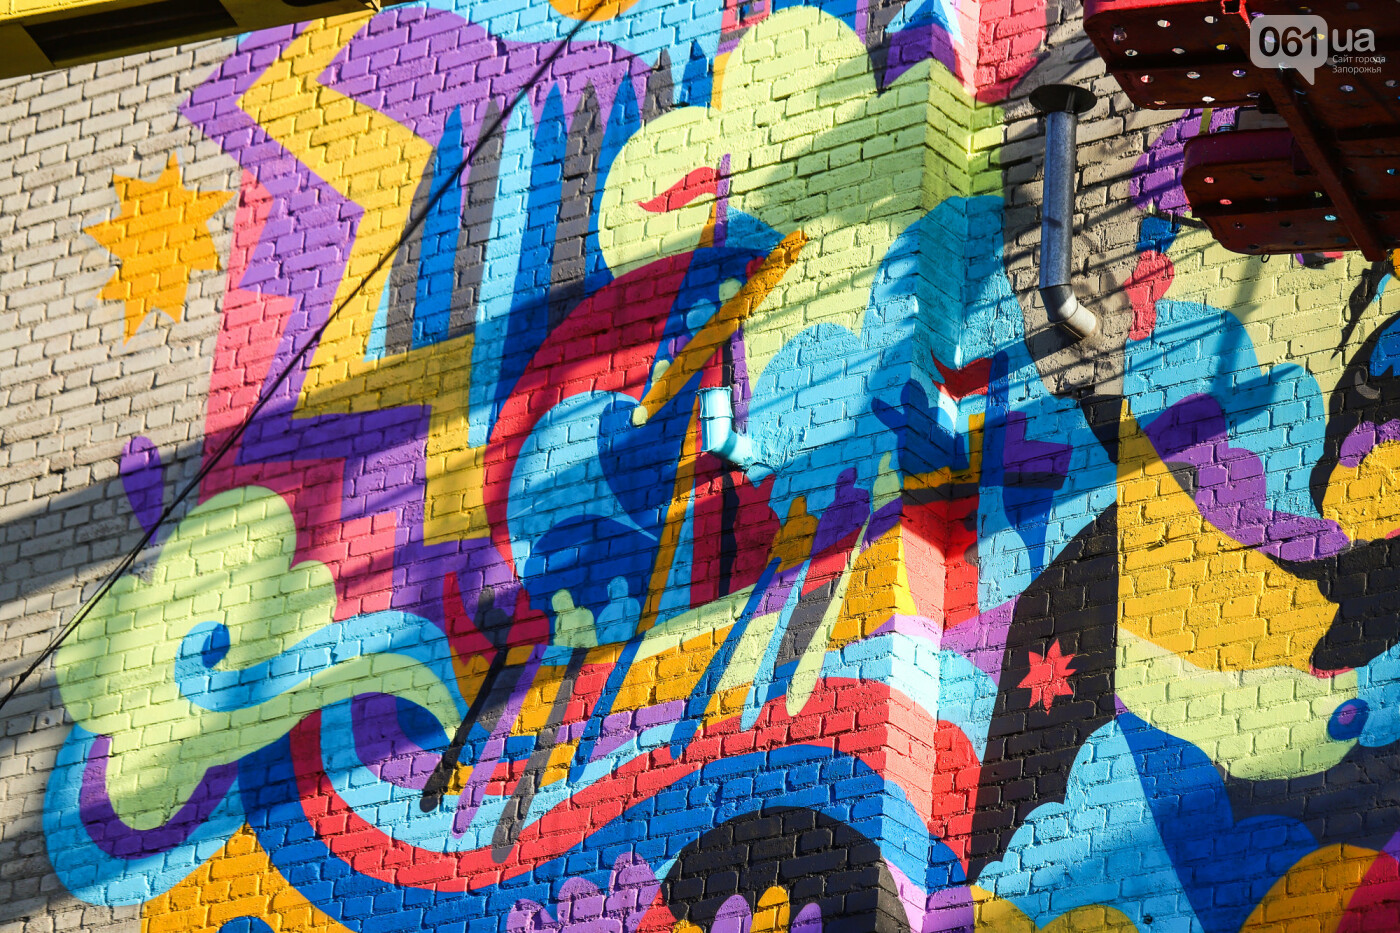 Художник из Нью-Йорка нарисовал мурал к 250-летию Запорожья - ФОТОРЕПОРТАЖ , фото-21